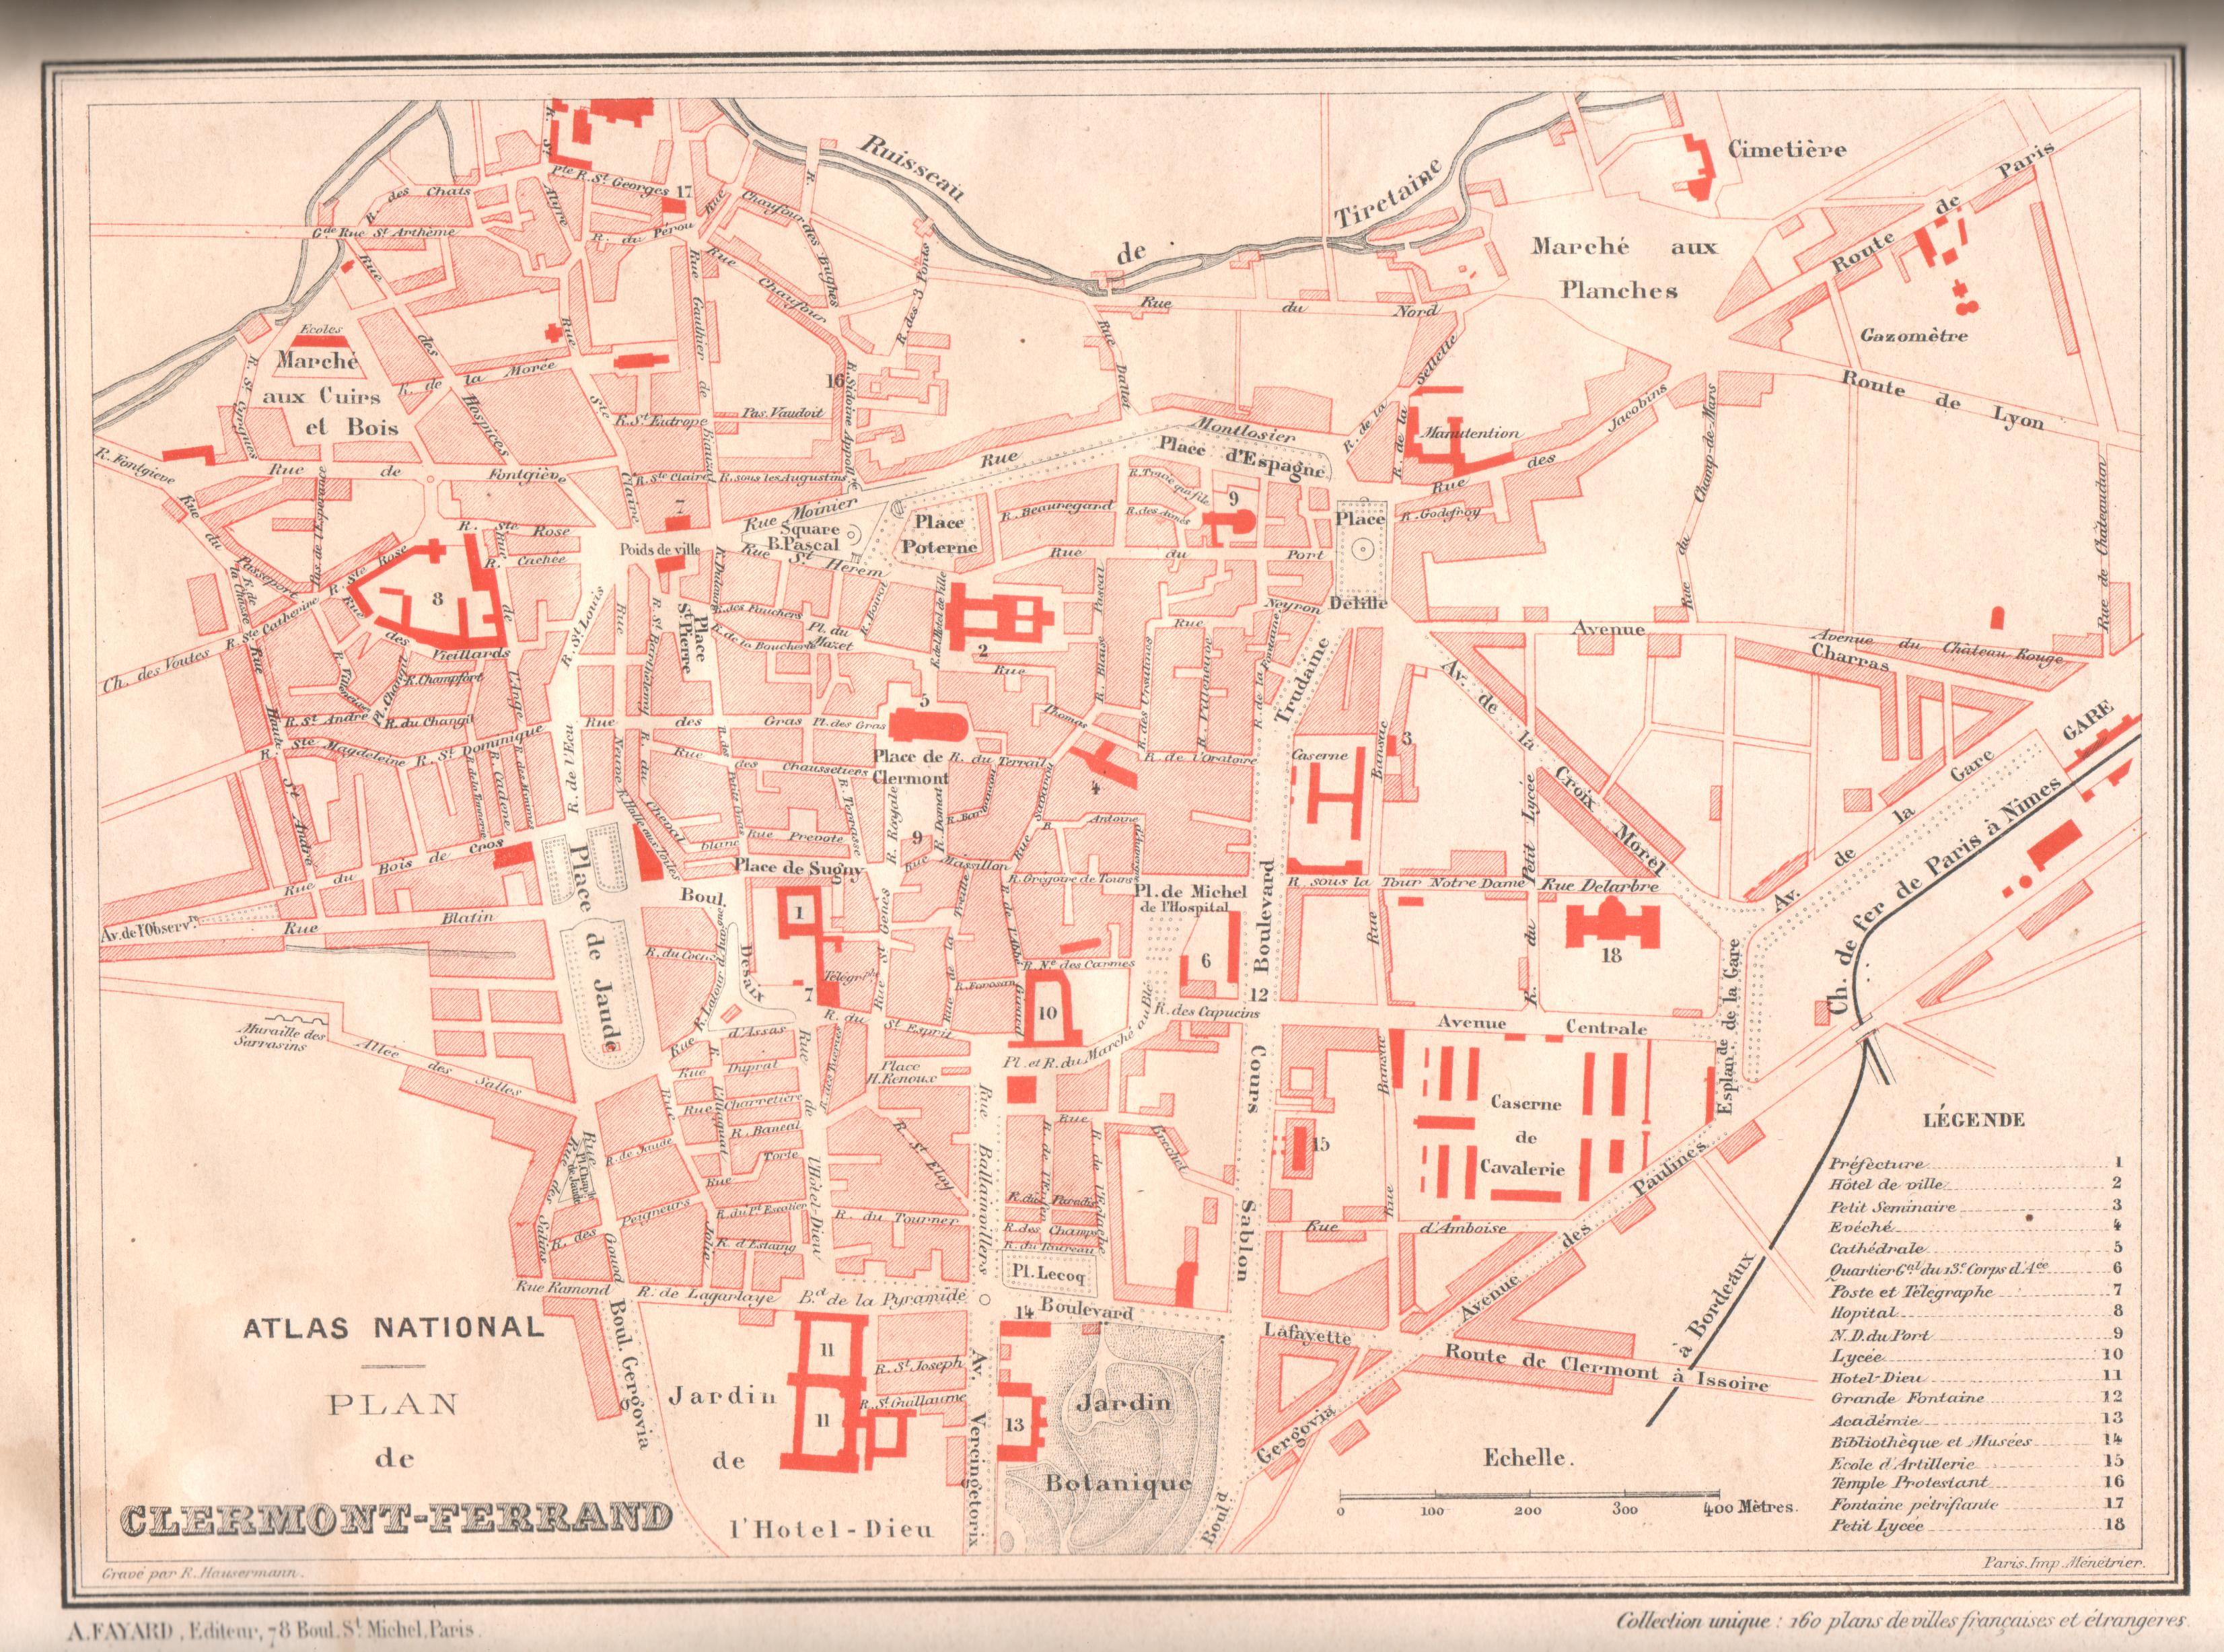 Carte ancienne de Clermont-Ferrand